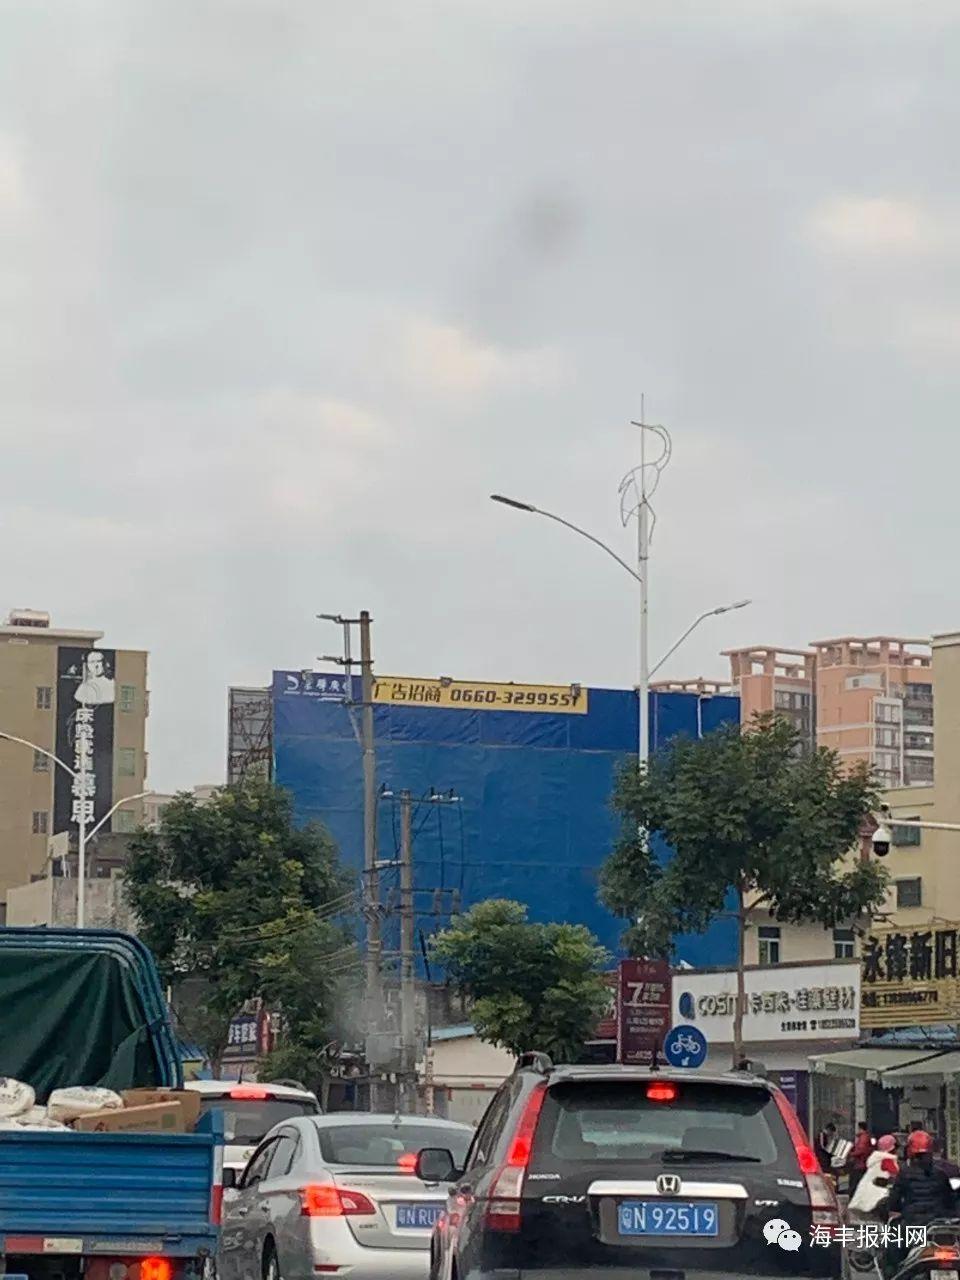 海丰县城二环路的路灯换新了 海丰新闻 第4张